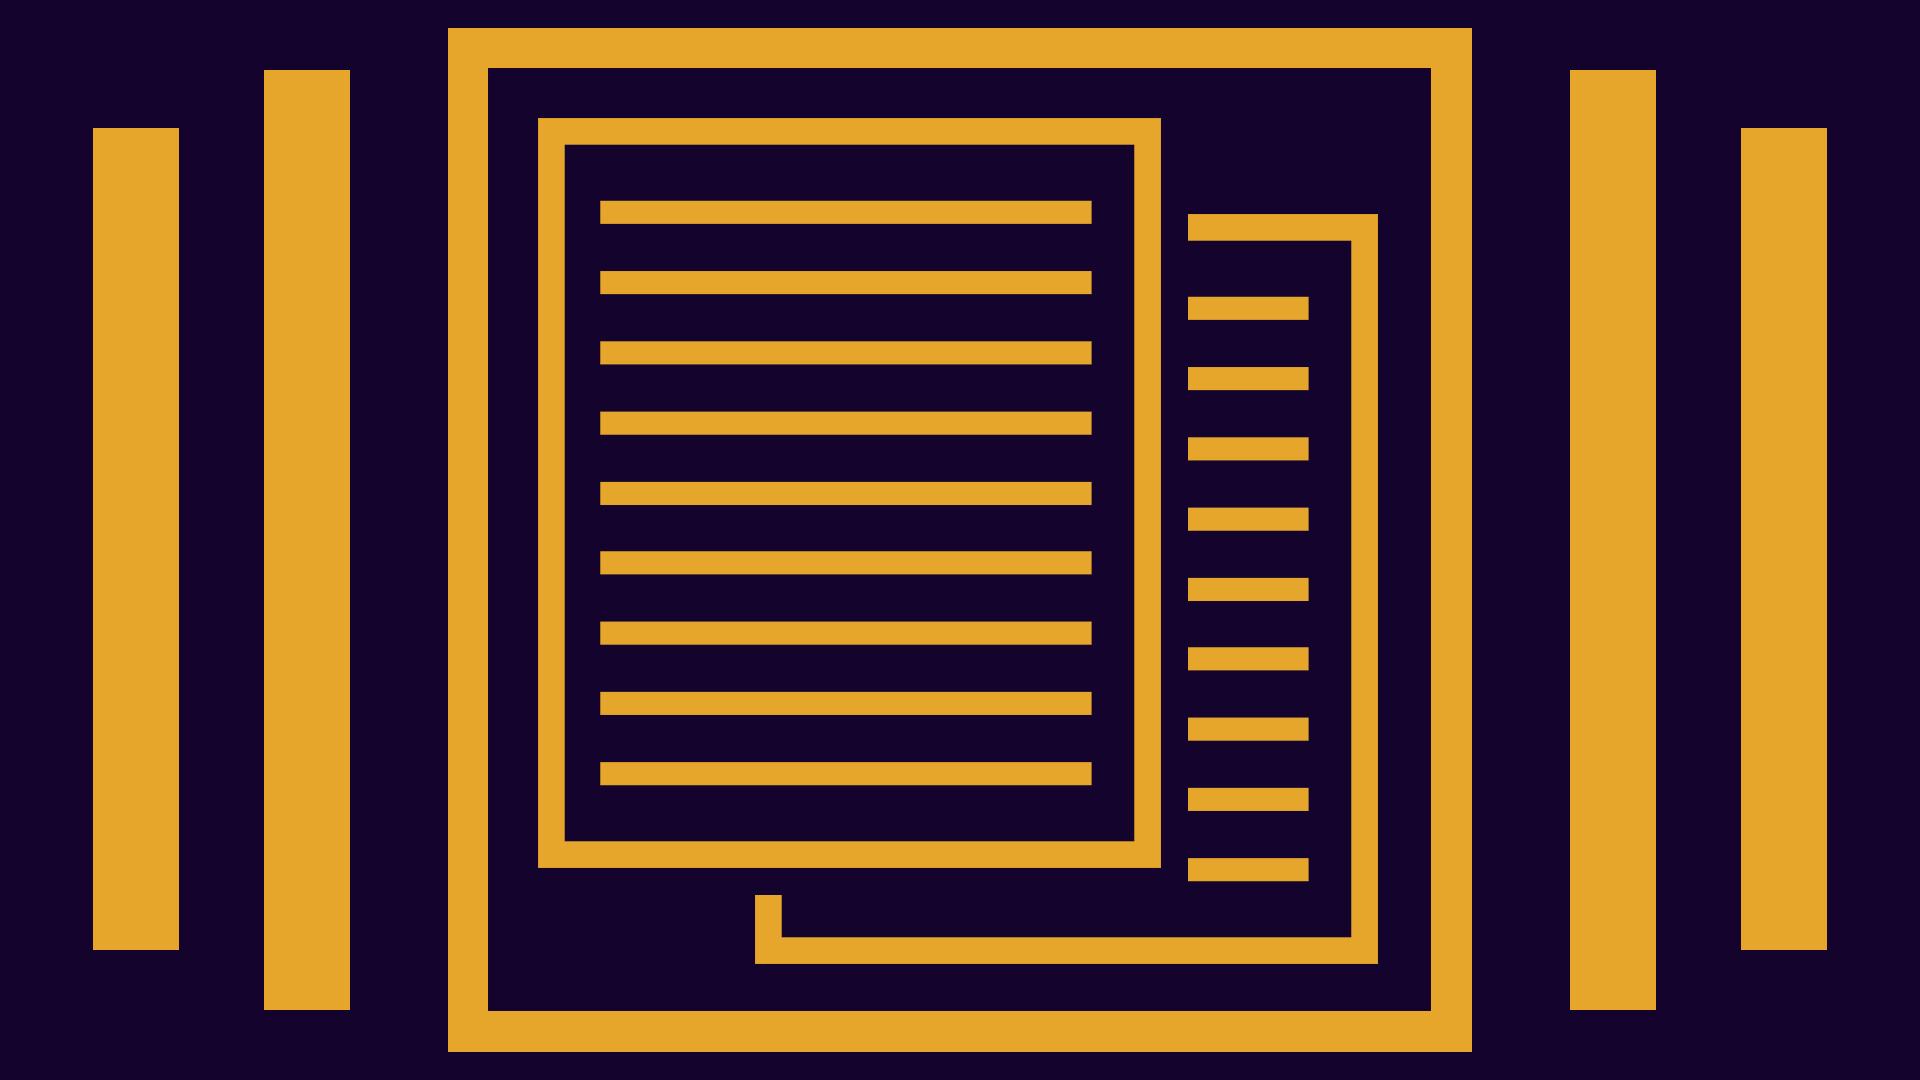 Icon for Arithmomania